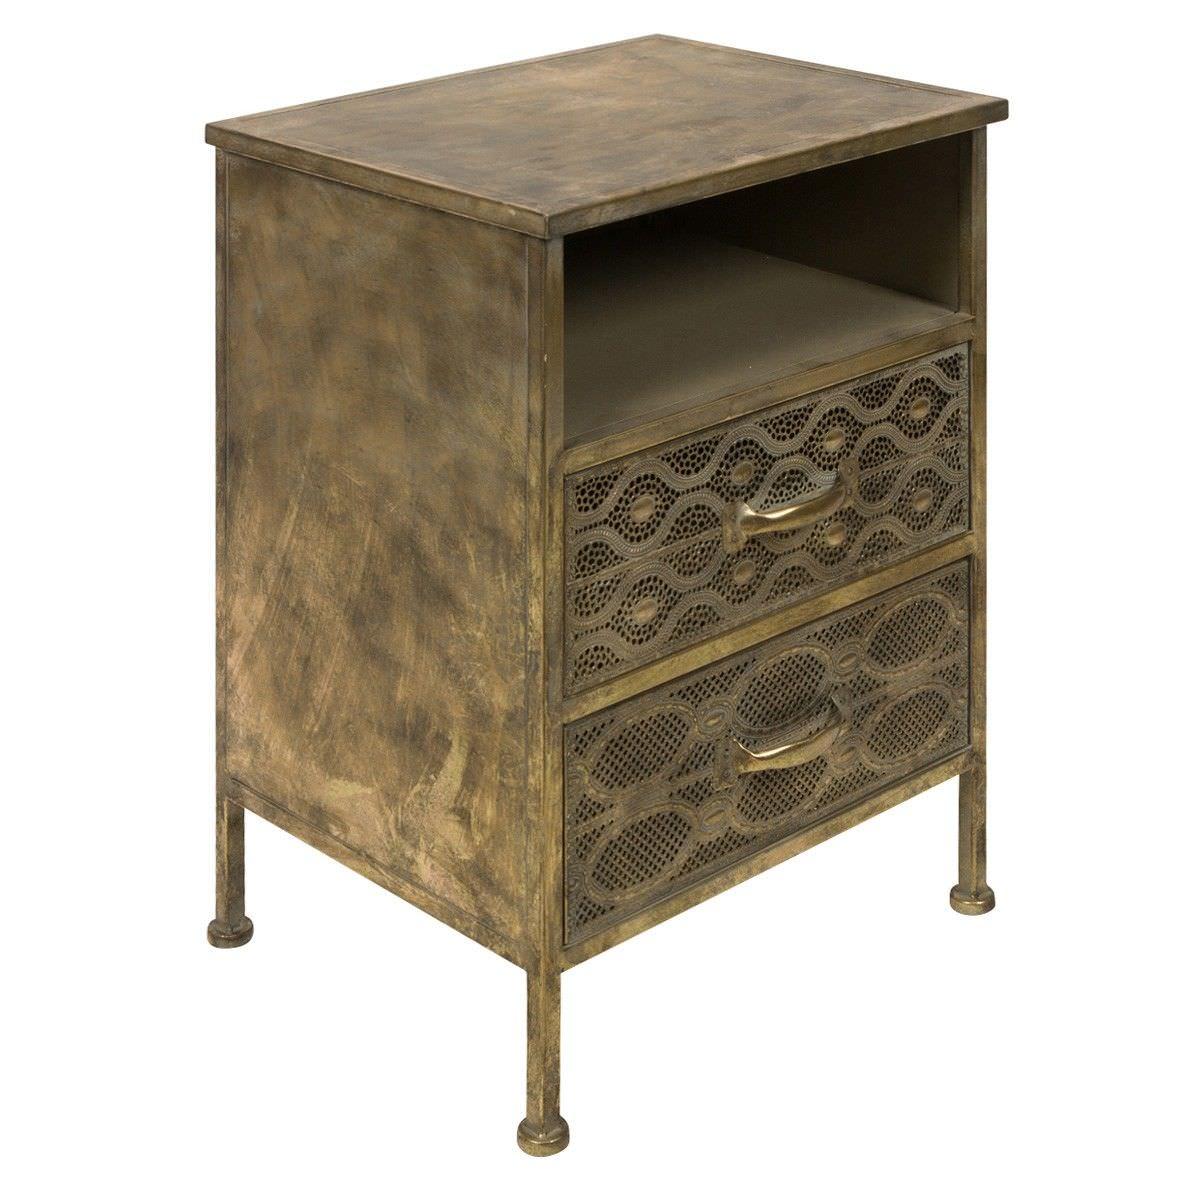 Aladdin Metal Filigree 2 Drawer Bedside Table, Antique Brass